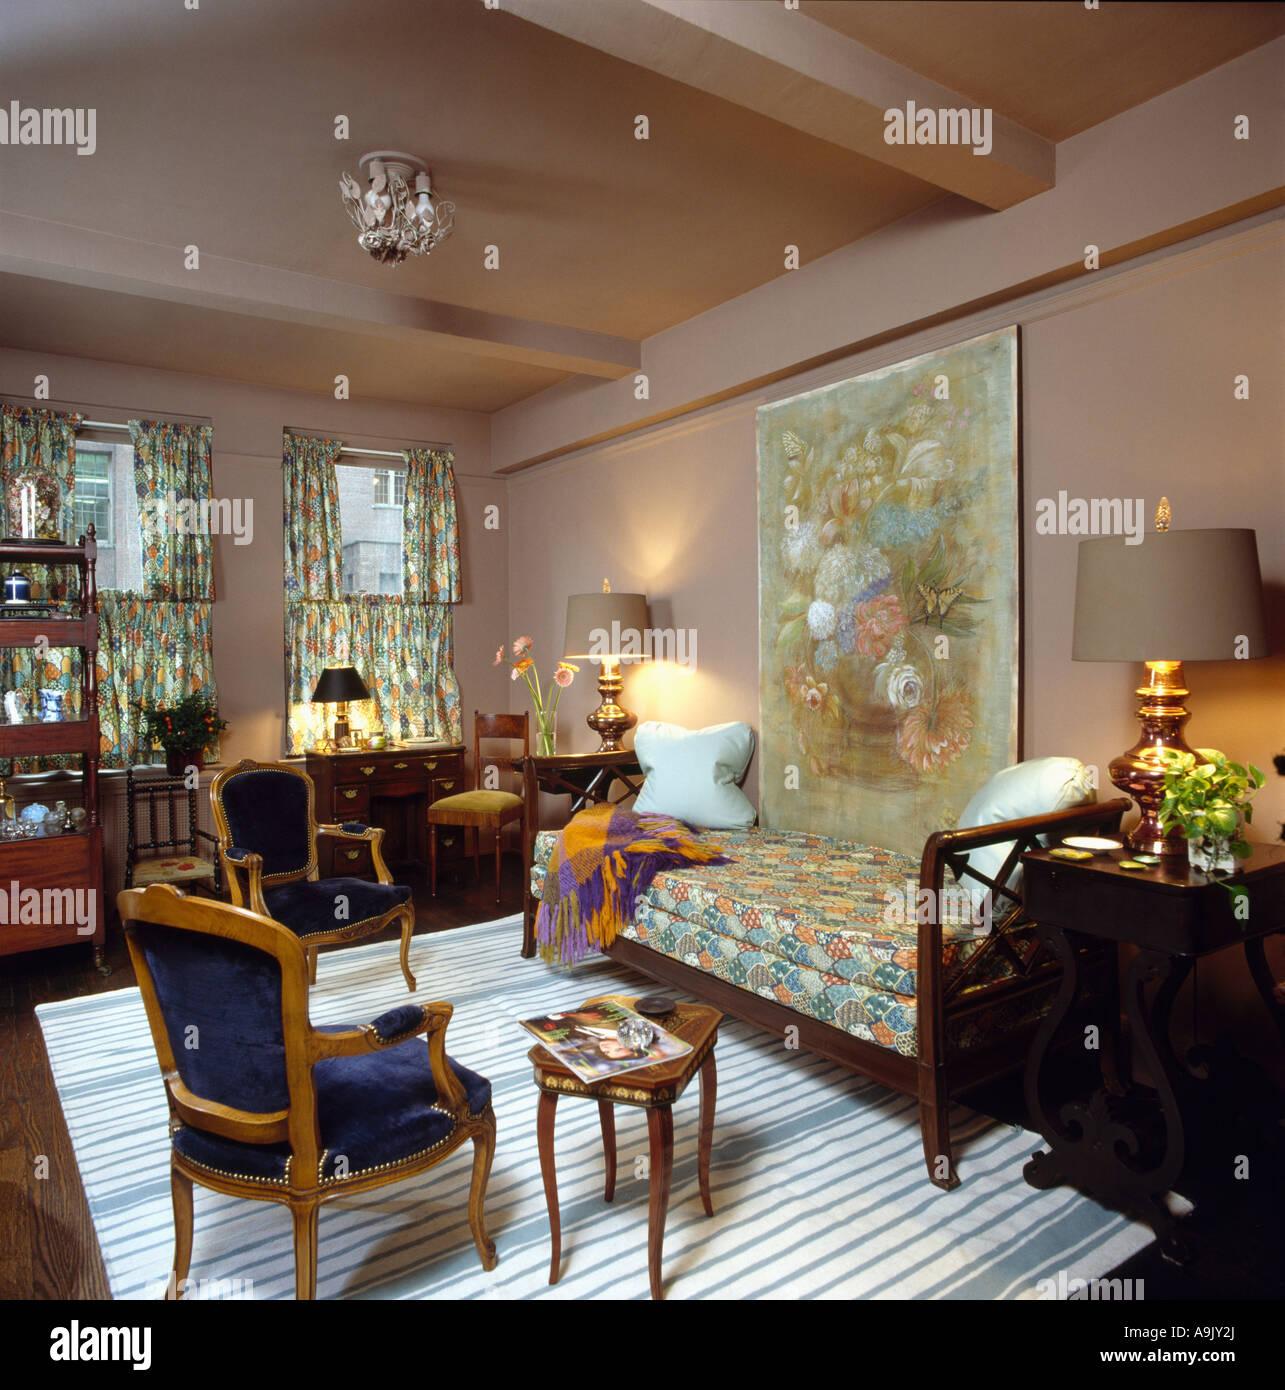 Großes Bild auf Pilz rosa Wände in achtziger Jahre Wohnzimmer mit ...